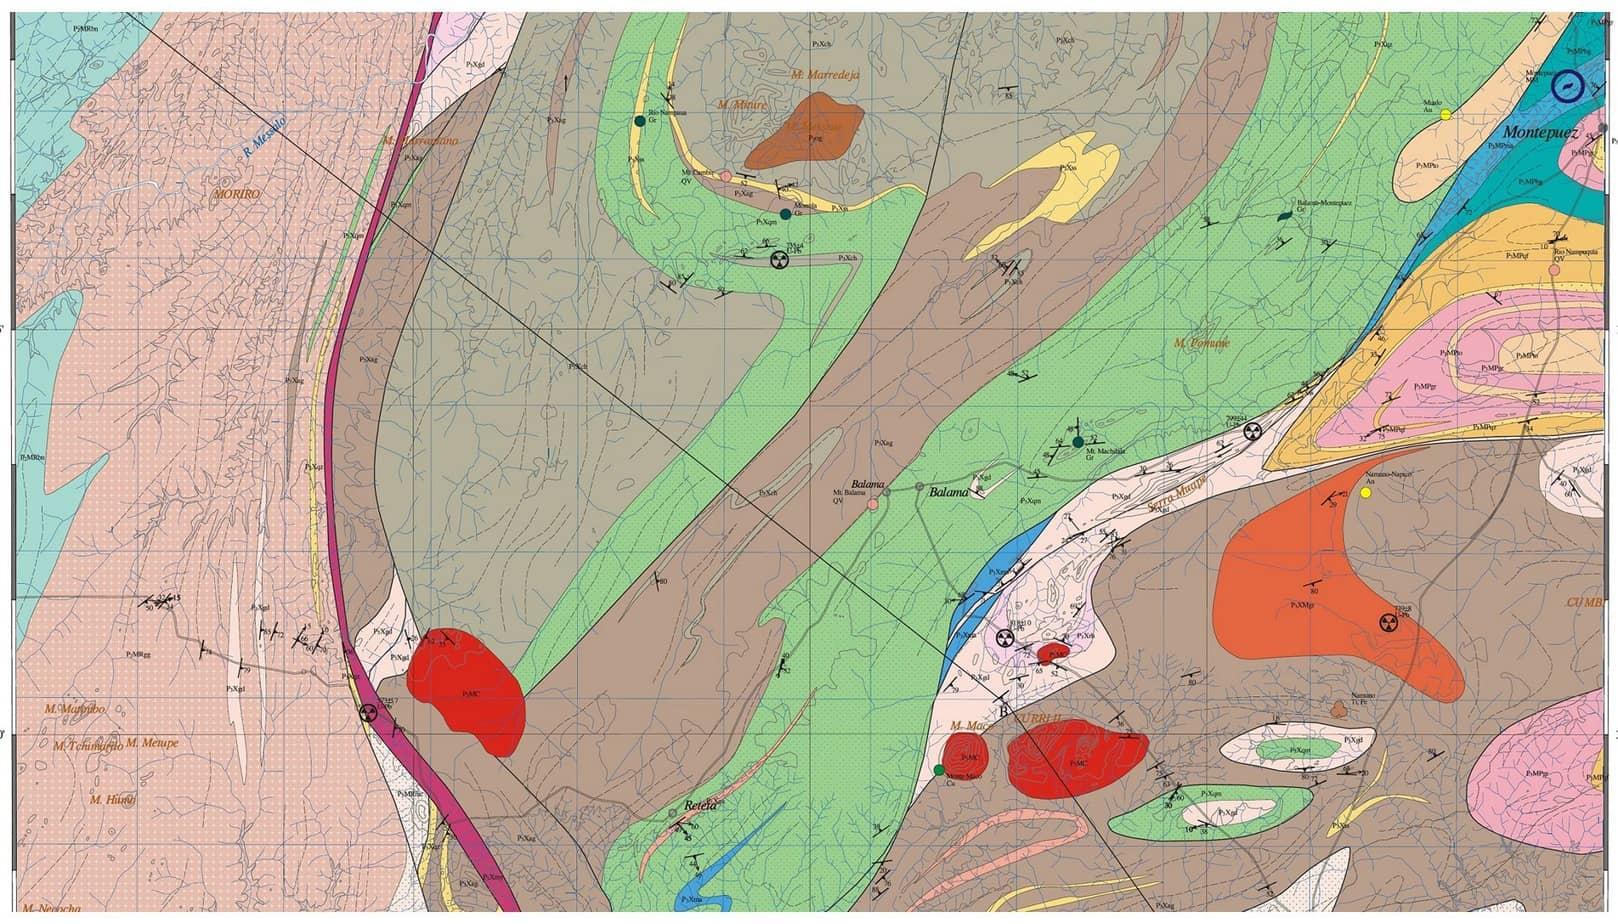 La carta geologica del progetto Montepuez-Ruaca Road